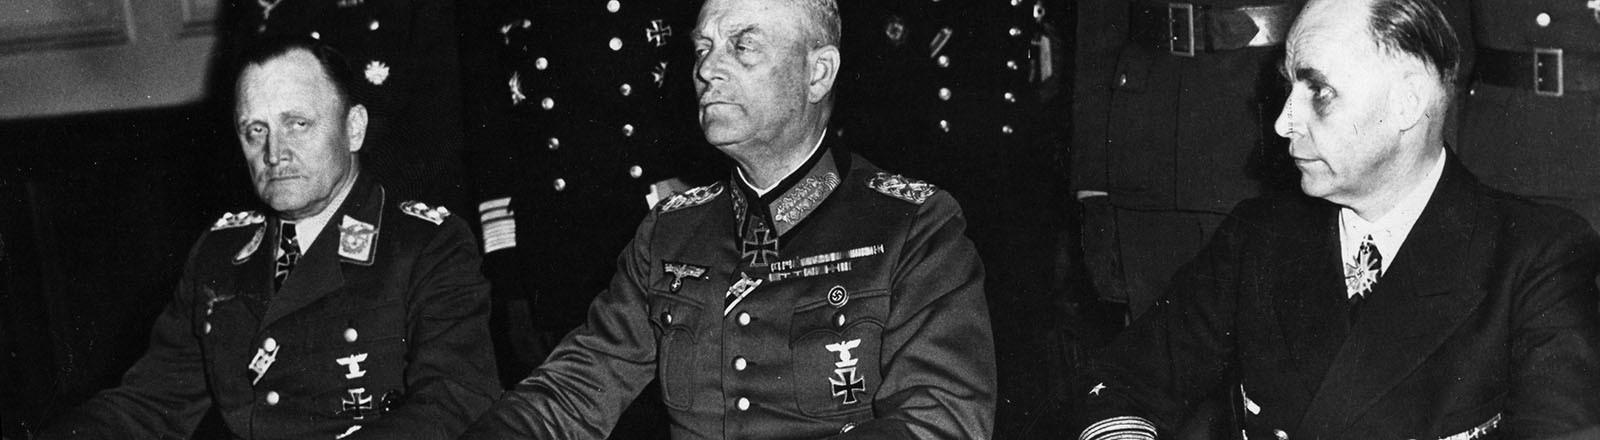 Am 8. Mai 1945 unterzeichnen die deutschen Wehrmachts-Offiziere Wilhelm Keitel, Hans-Jürgen Stumpff und Hans-Georg von Friedeburg in Berlin die Kapitulation (8. Mai 1945).